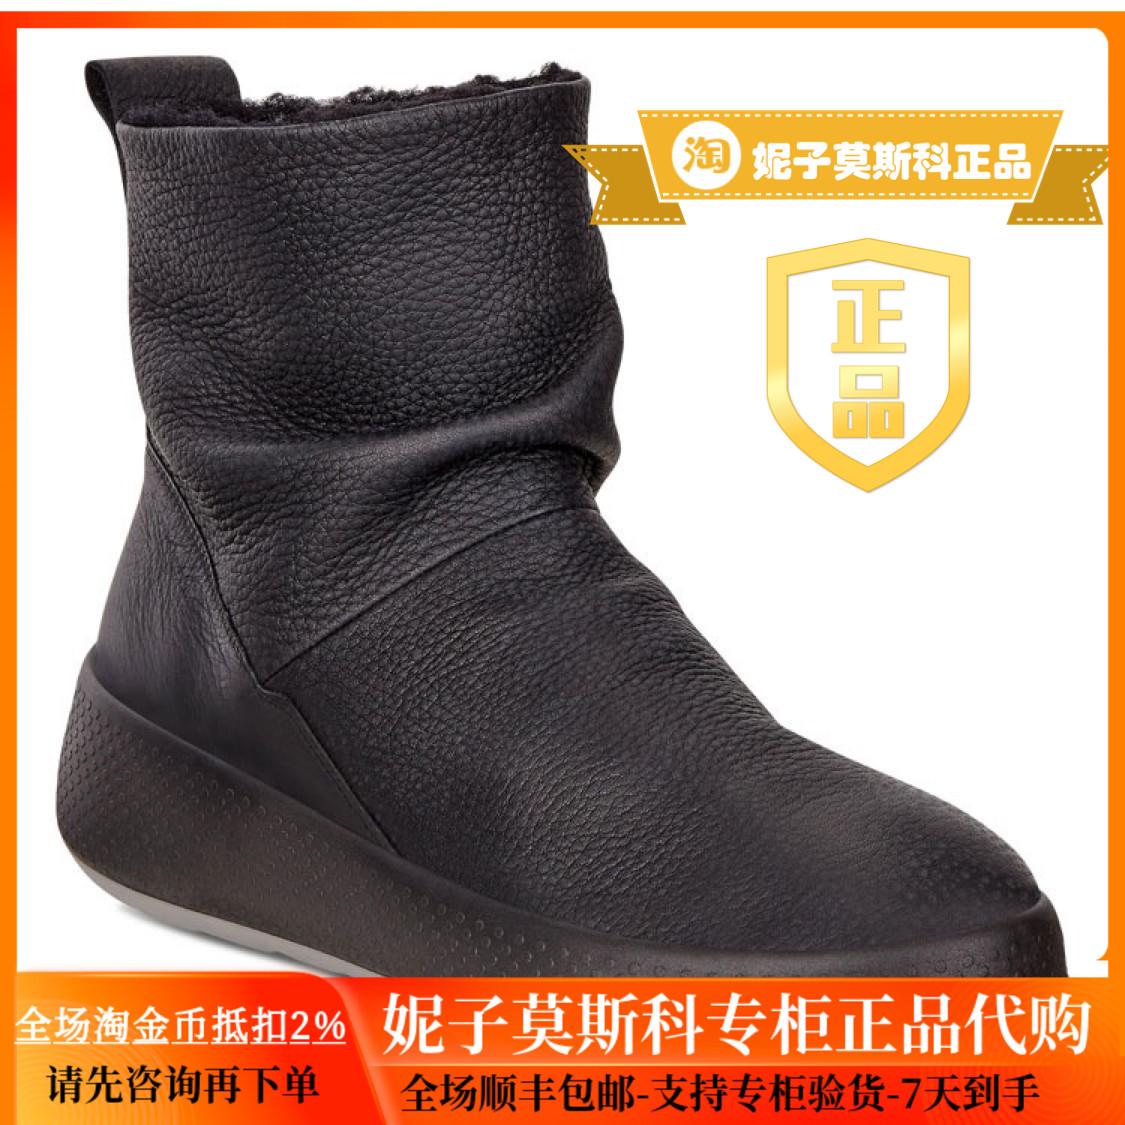 ECCO爱步女鞋221043冬季保暖雪地靴 加厚套脚休闲短靴 俄罗斯代购